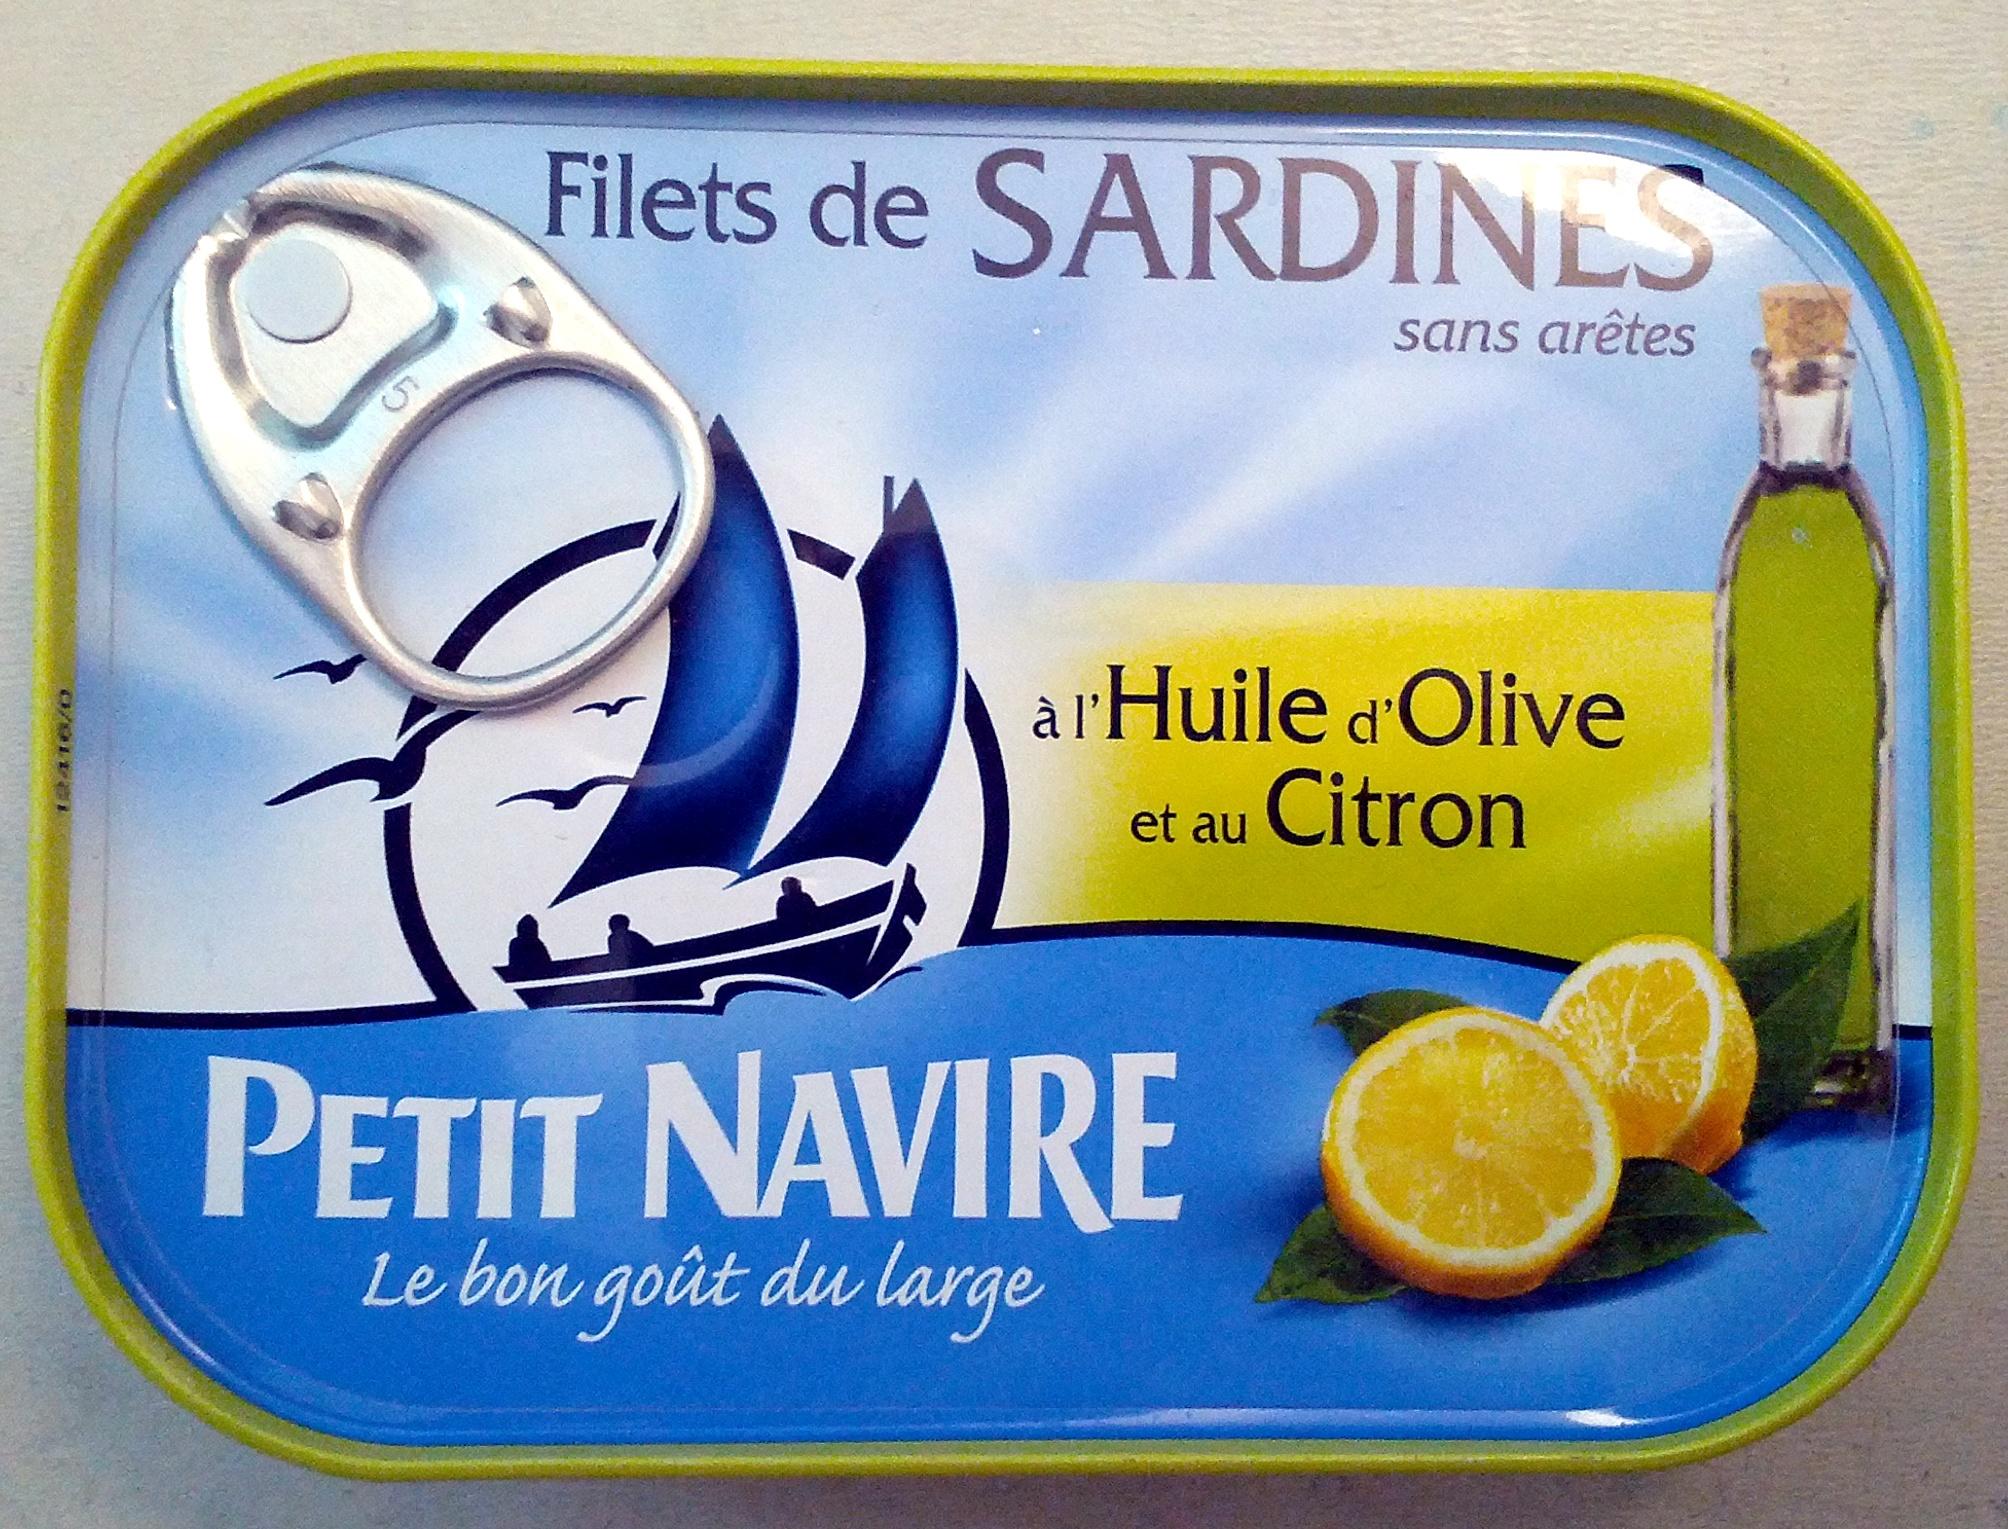 Filets de sardines l 39 huile d 39 olive et au citron petit navire 95 g 66 5 g de poisson - Conserve de sardines maison ...